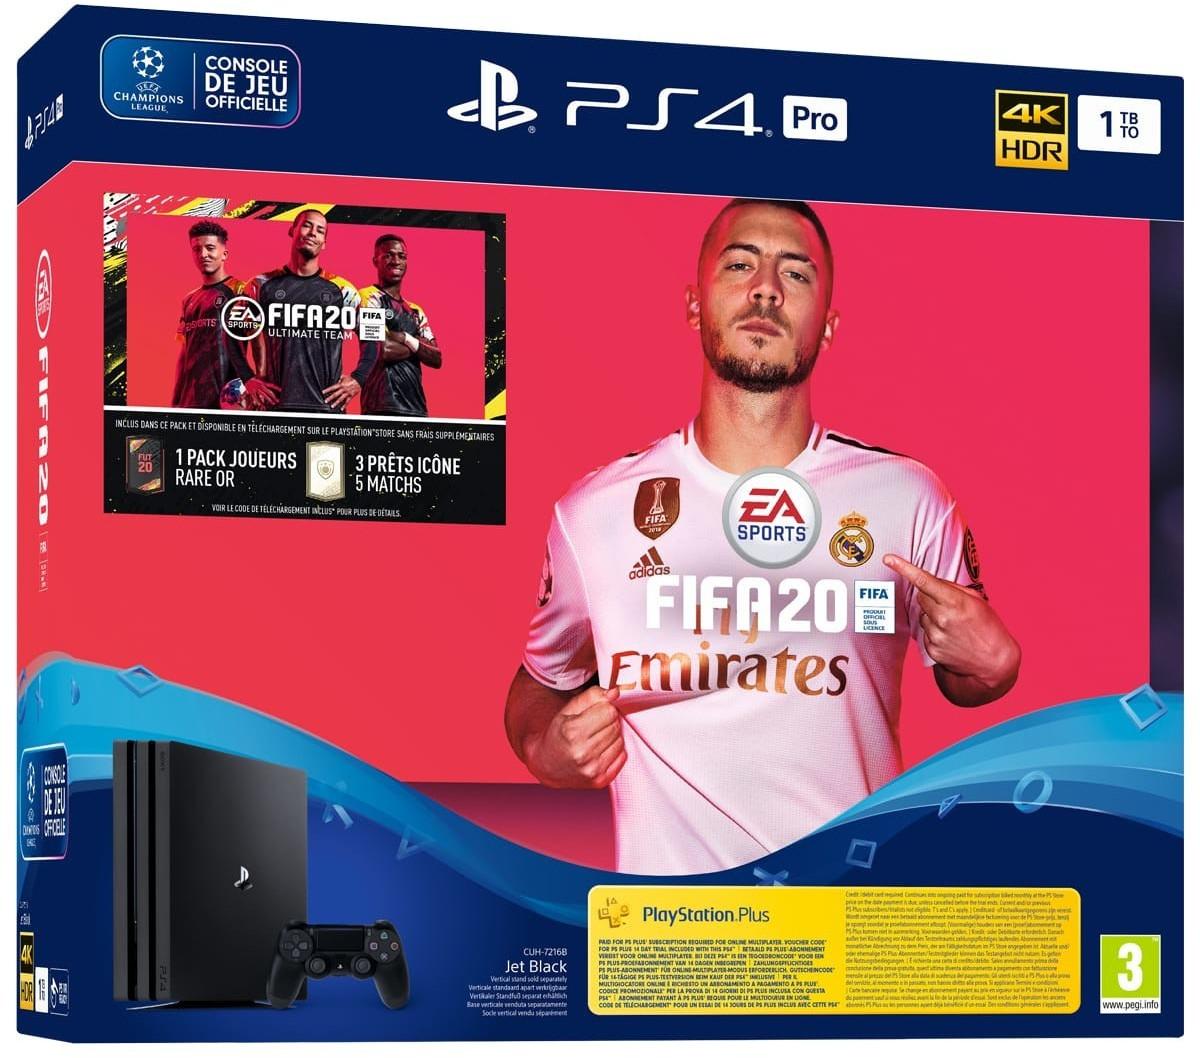 Pack console PS4 Pro + FIFA 20 + 14 jours d'abonnement PS Plus